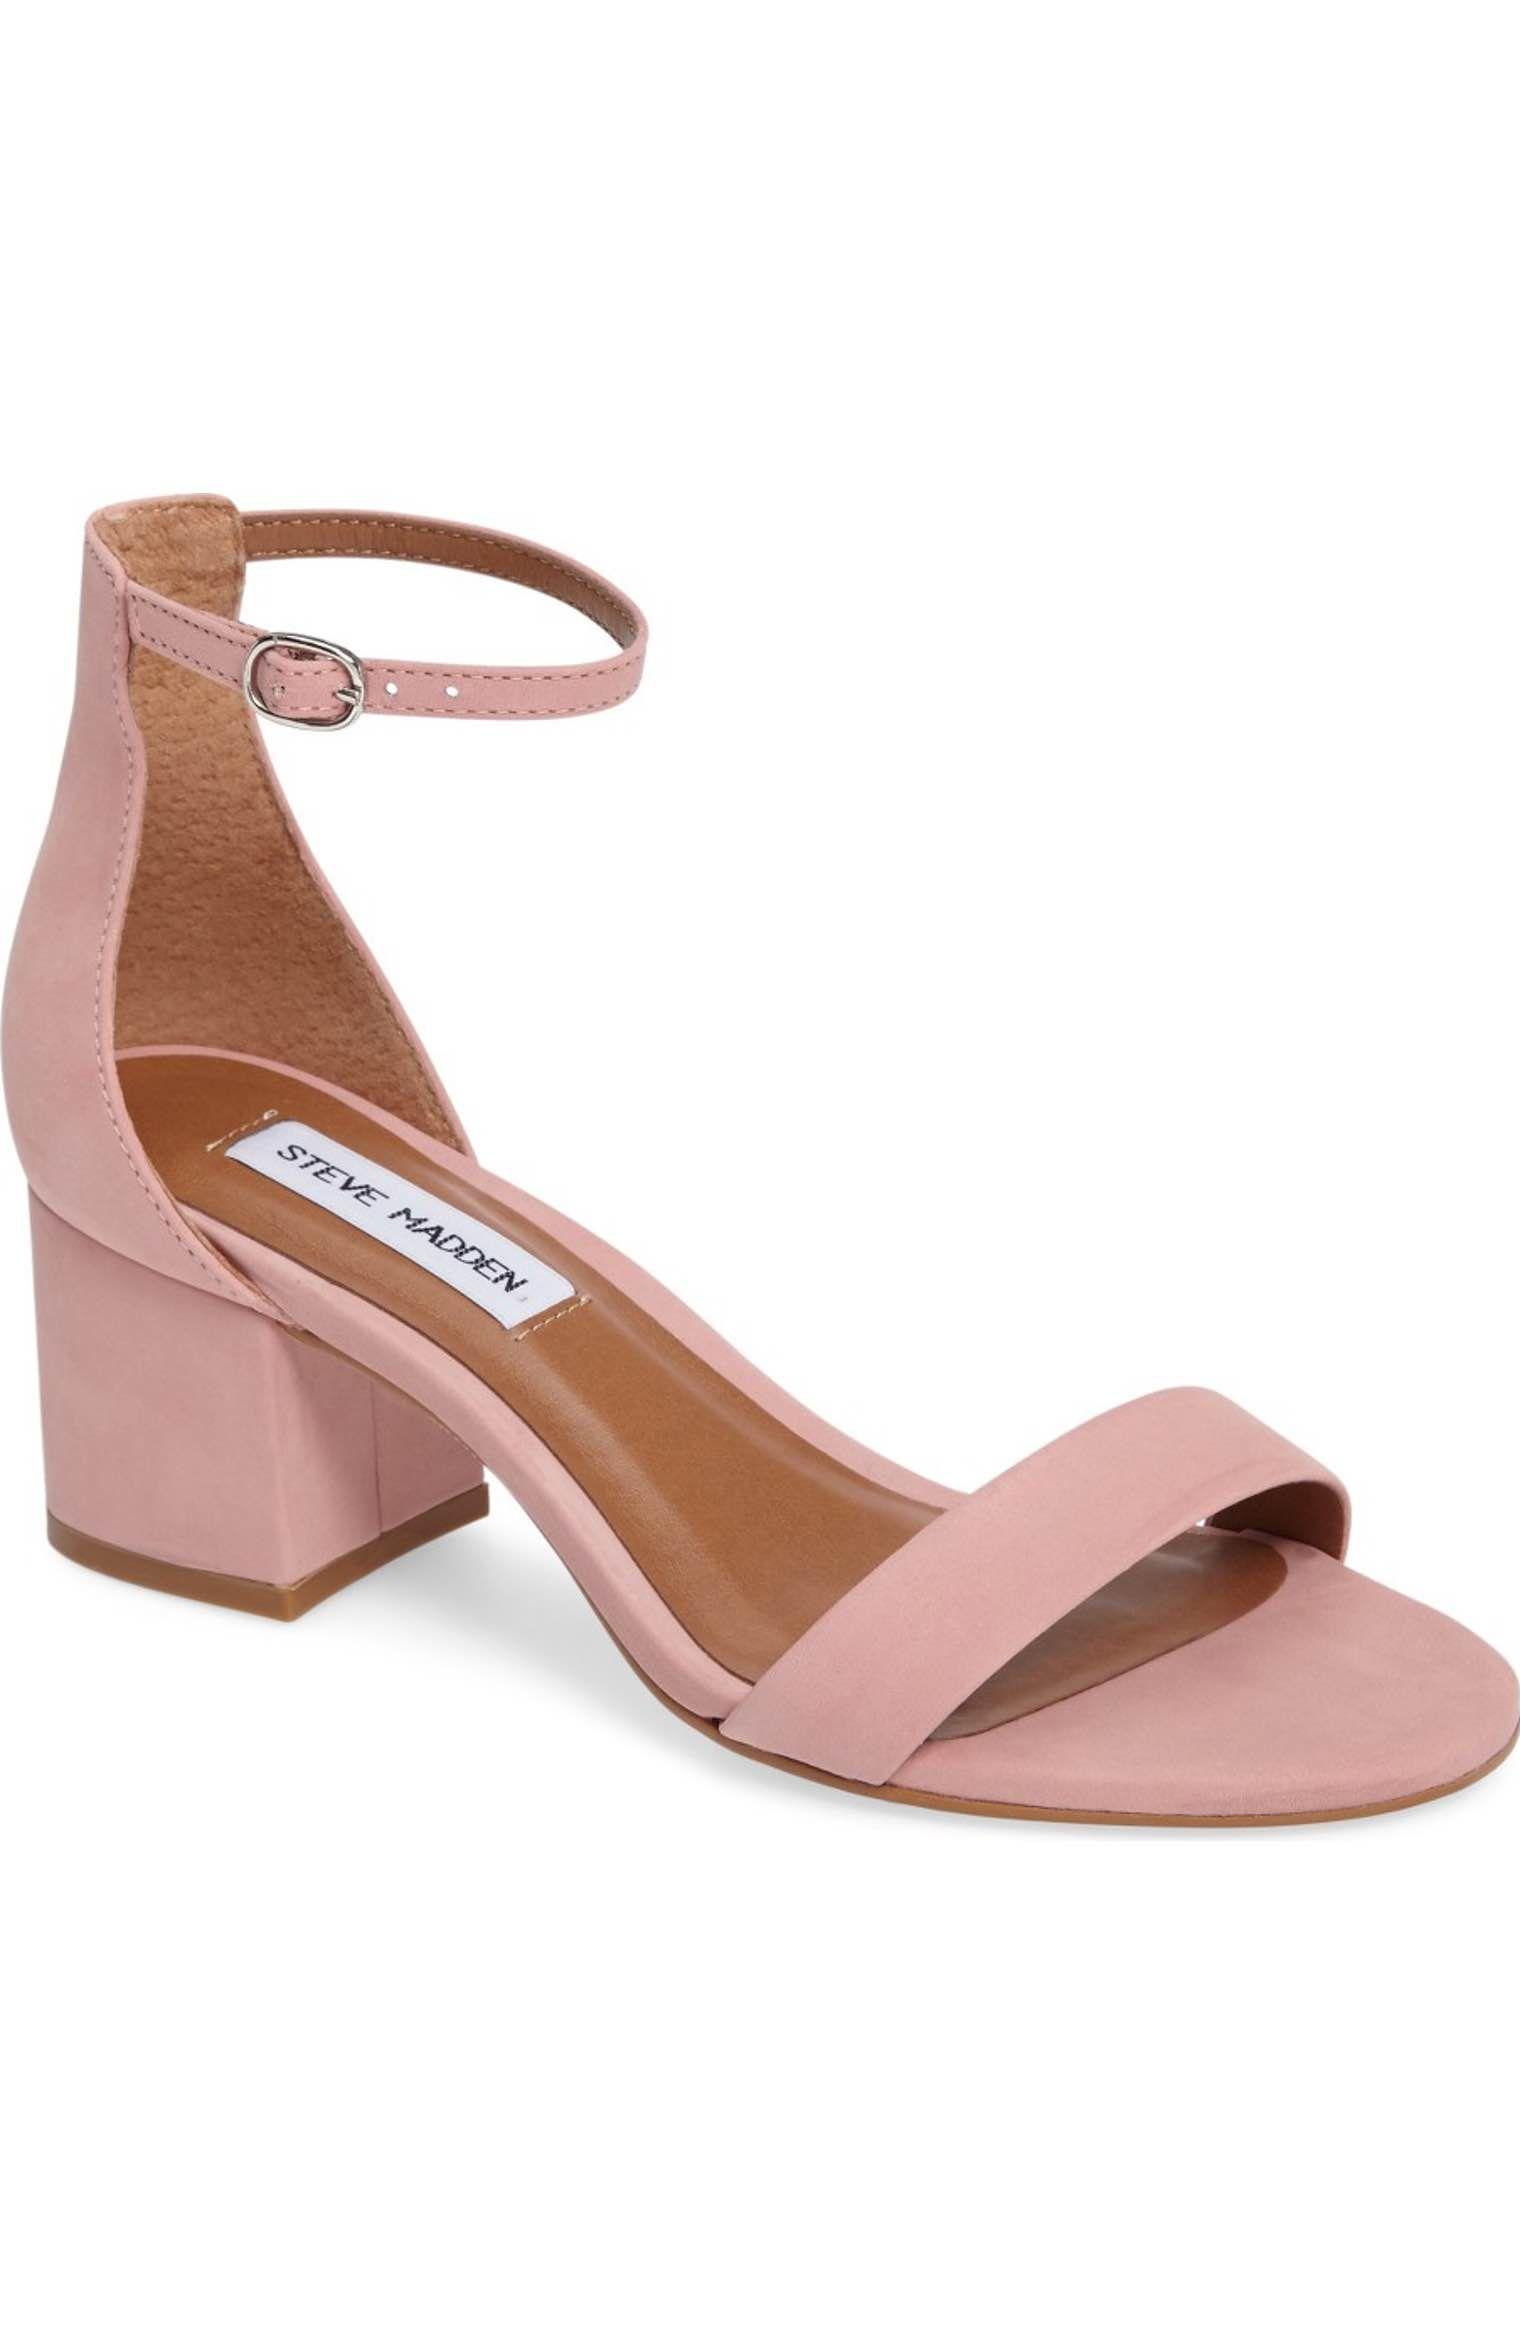 3319d24108 Main Image - Steve Madden 'Irenee' Ankle Strap Sandal (Women ...